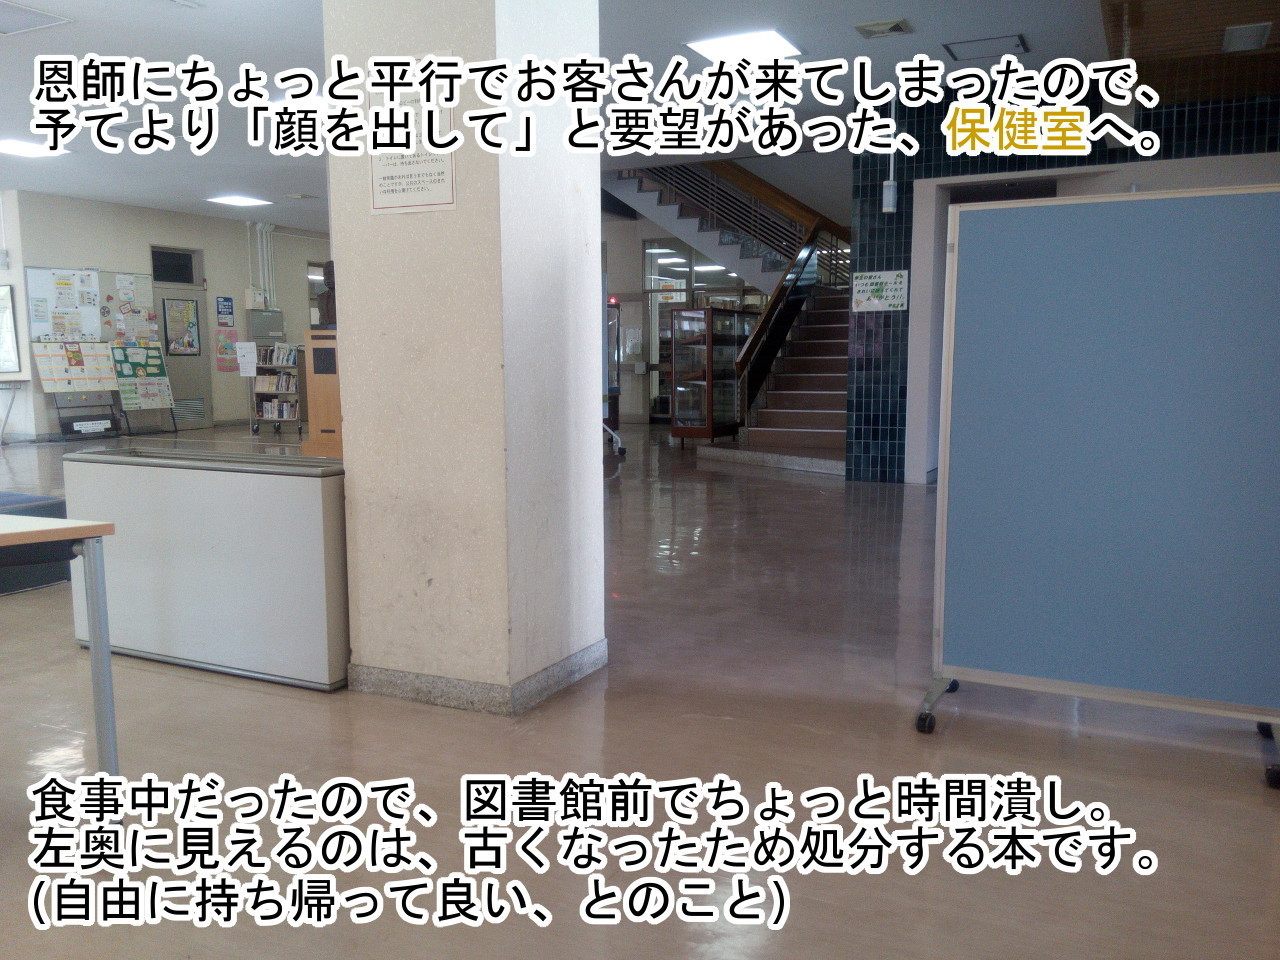 2015年度函館旅行記2日目以降